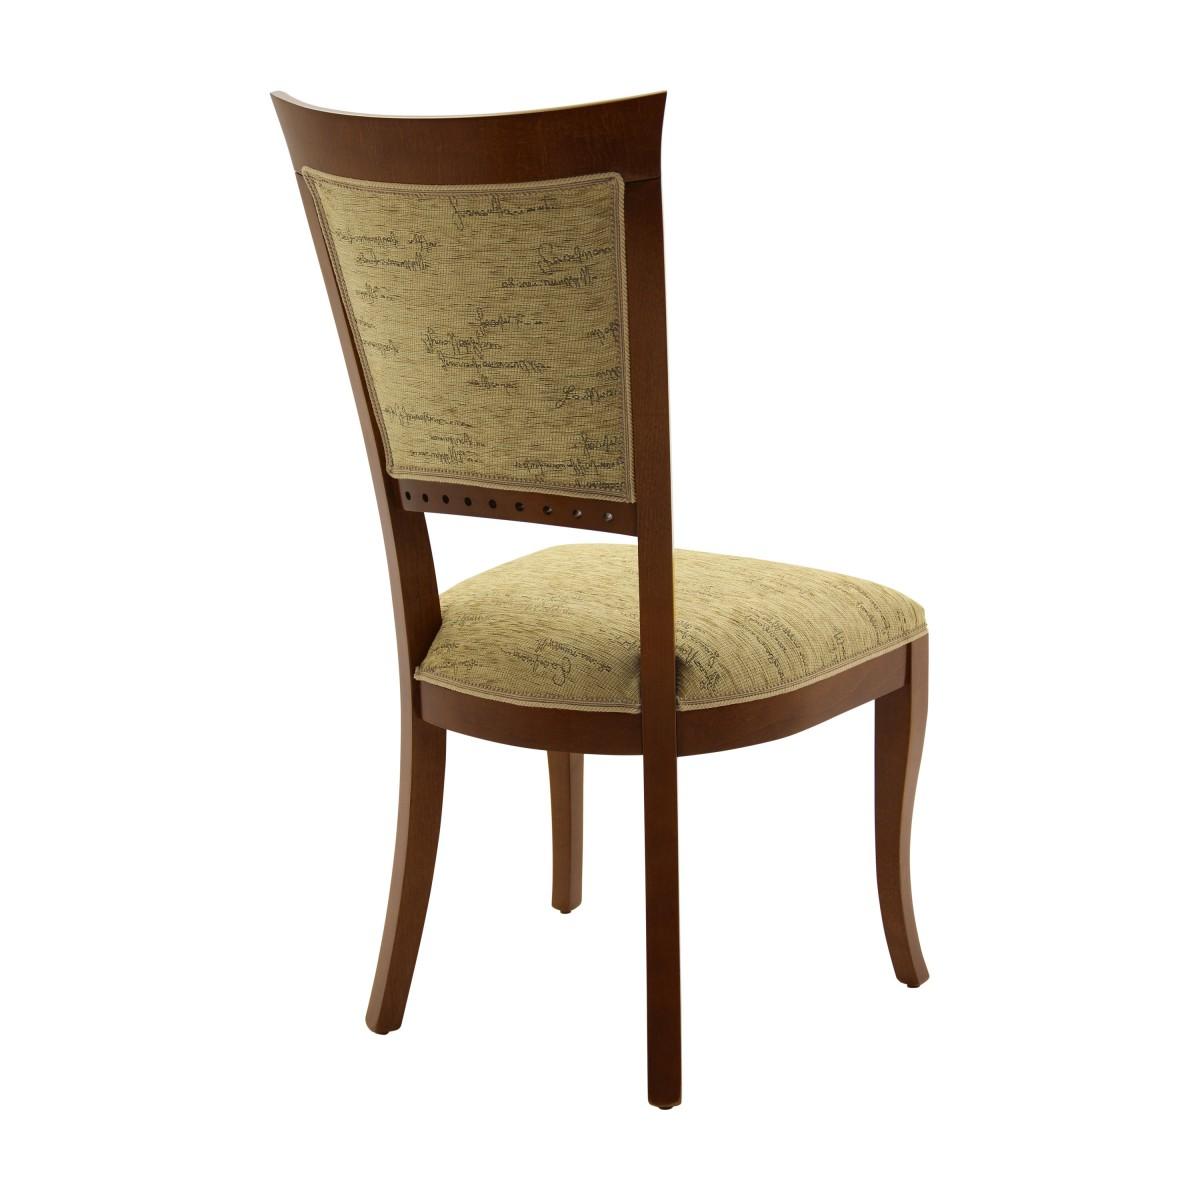 italian classic chair modigliani 1 2152